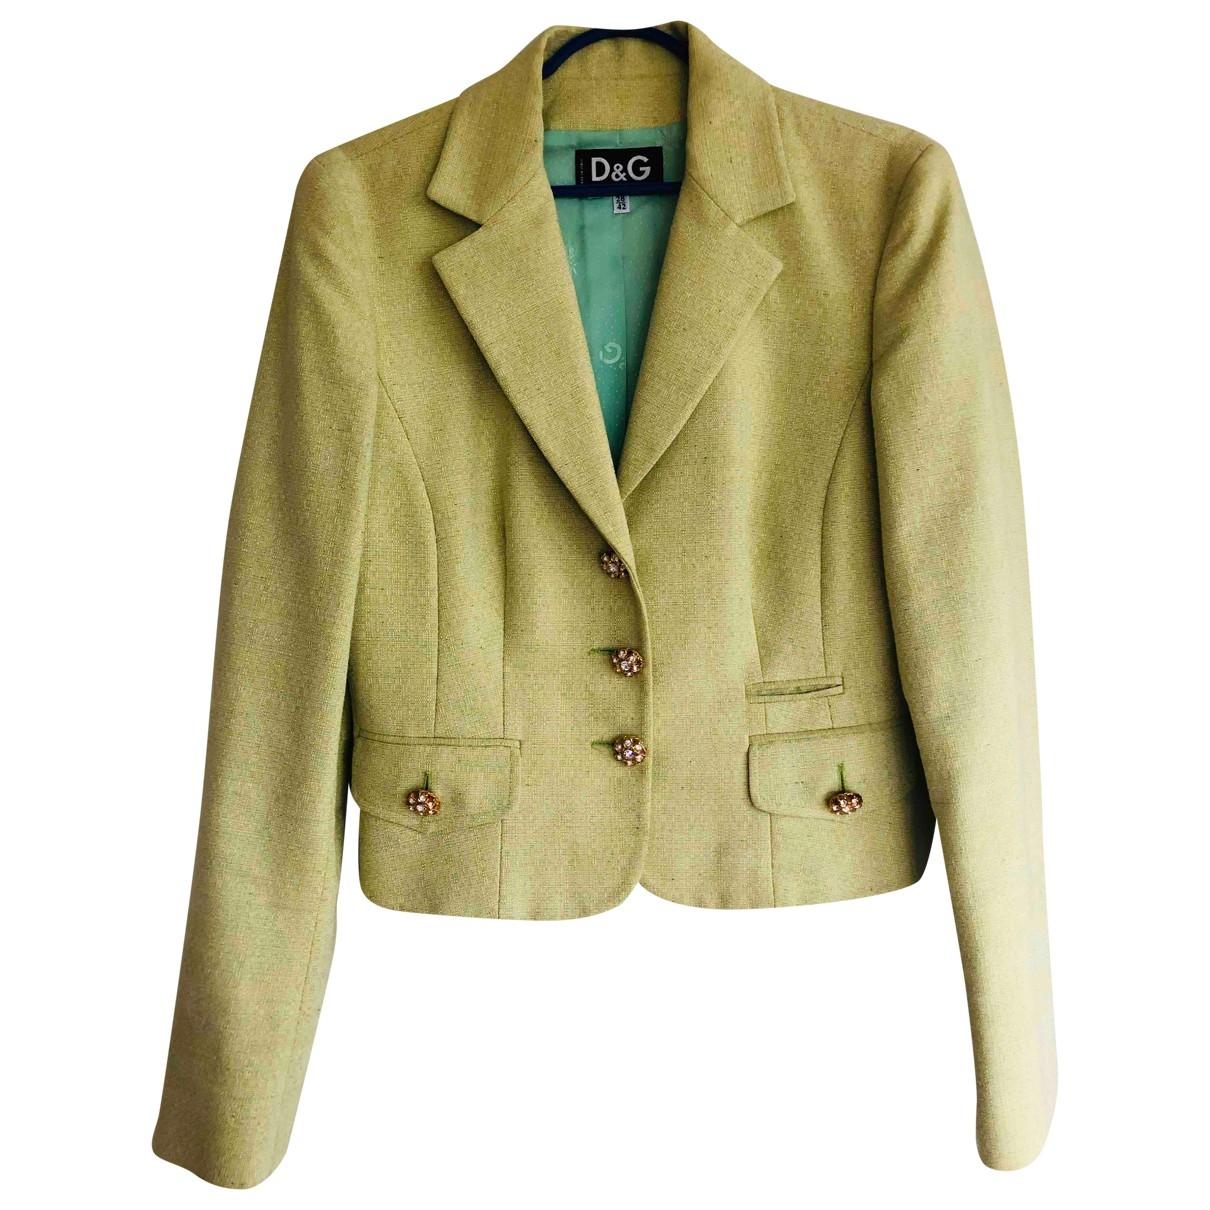 D&g - Veste   pour femme en coton - vert